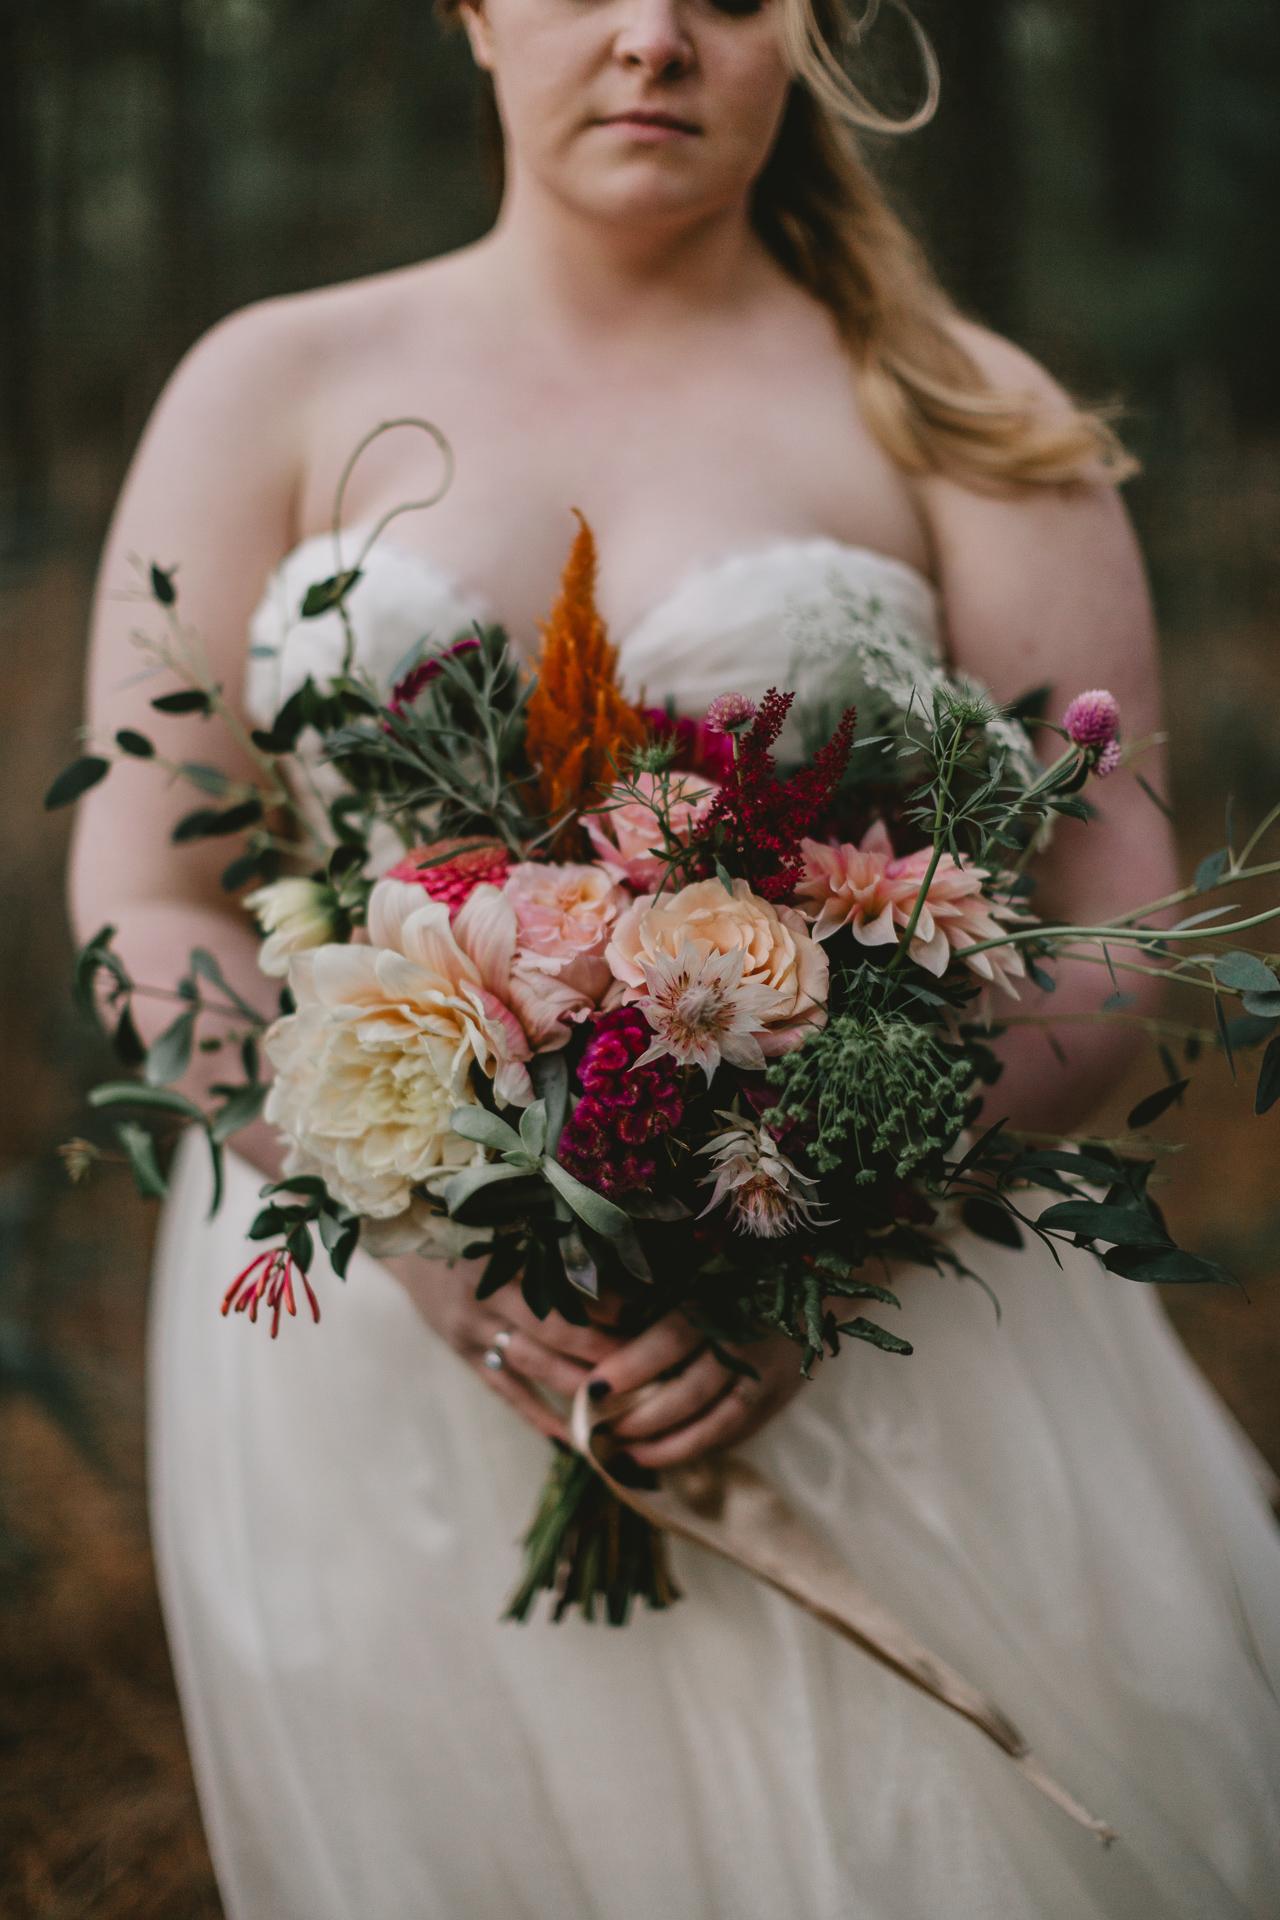 jess-hunter-tilghman-island-wedding-photographer-8192.jpg